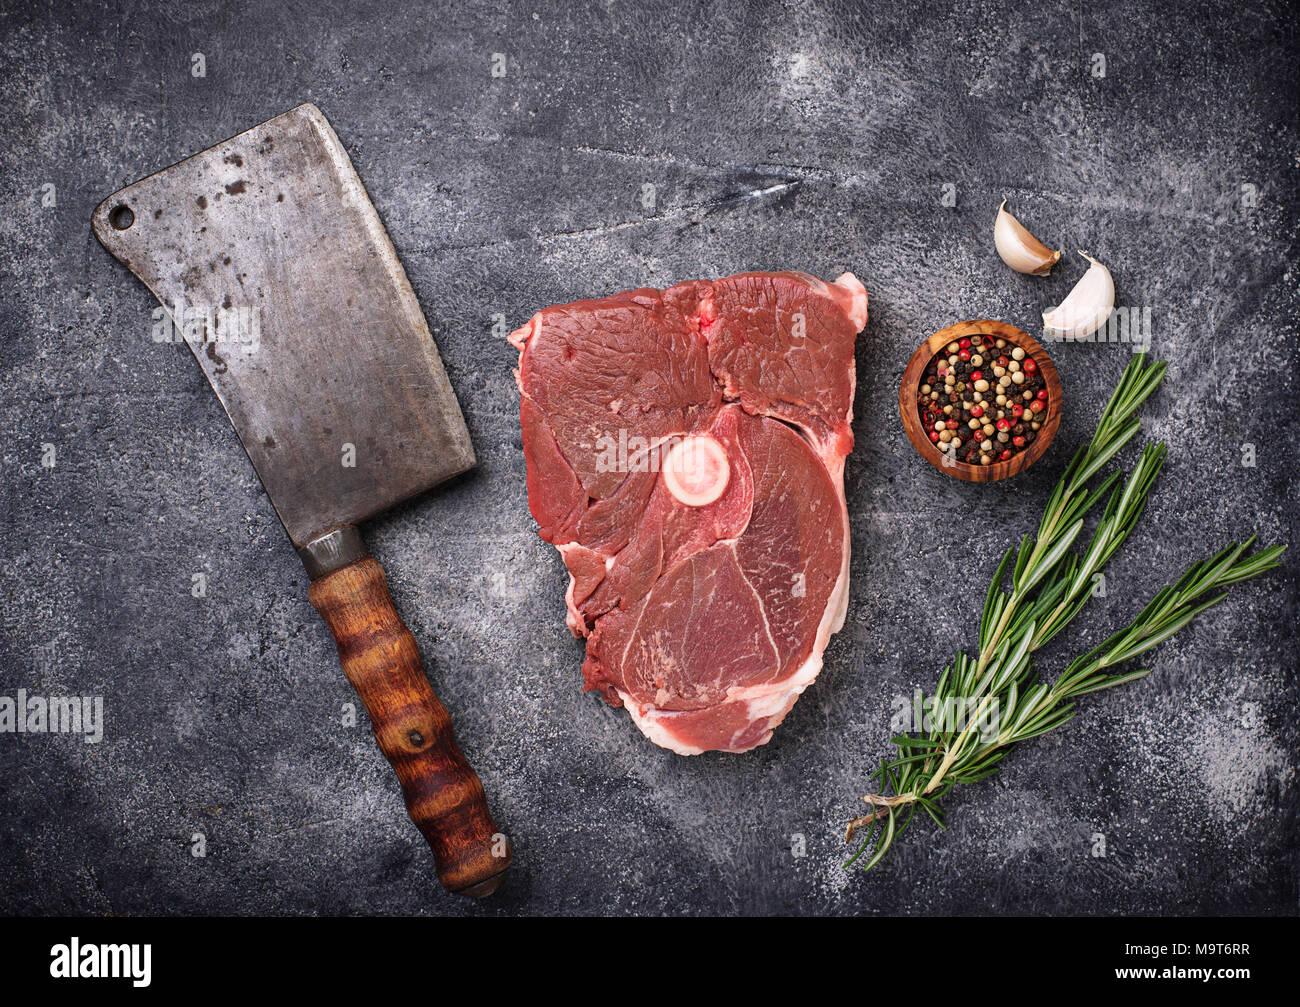 Lammfleisch mit Rosmarin, Gewürze und Cleaver. Stockbild